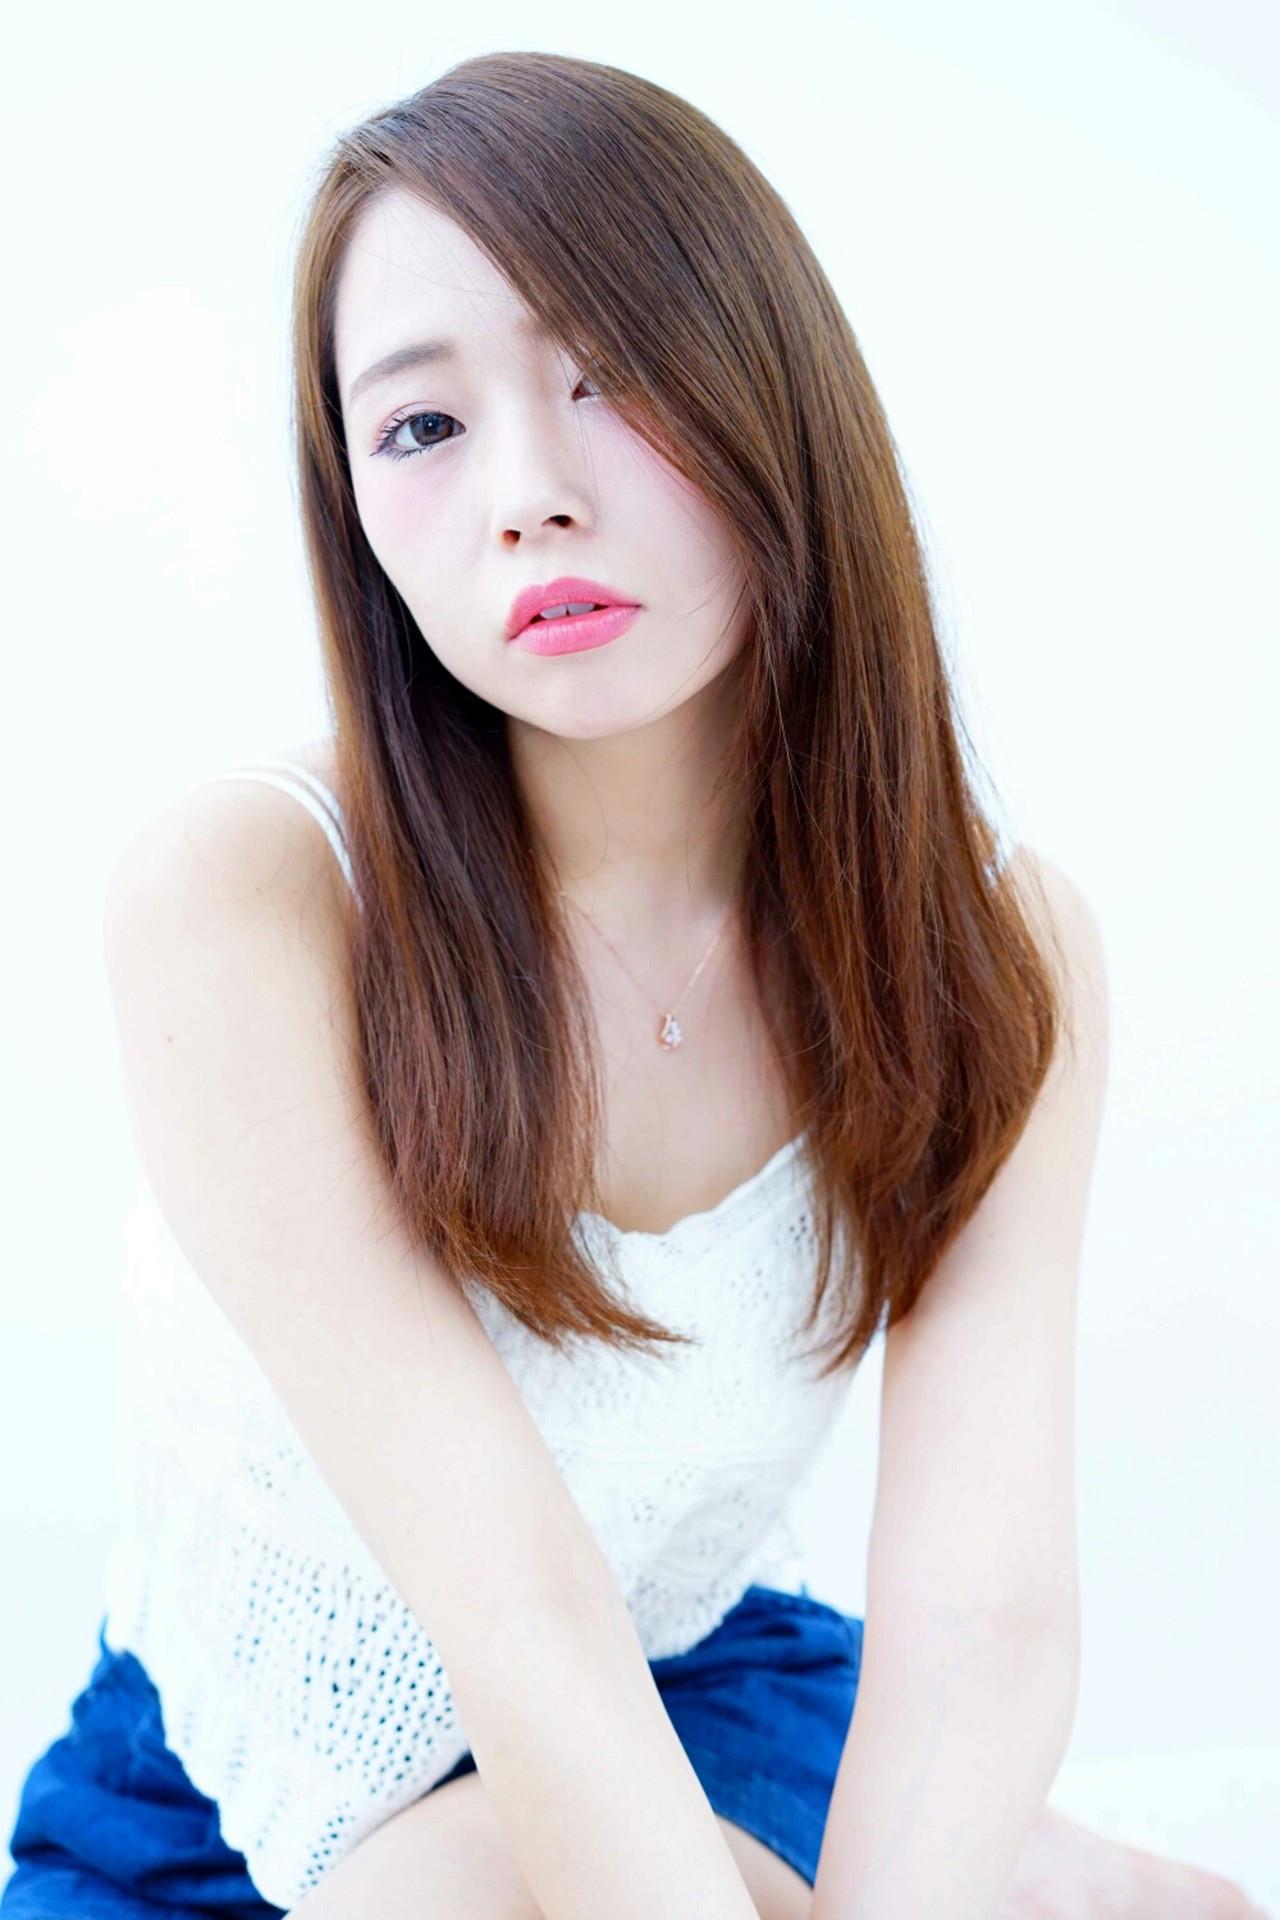 ロング 大人女子 ピュア キュート ヘアスタイルや髪型の写真・画像